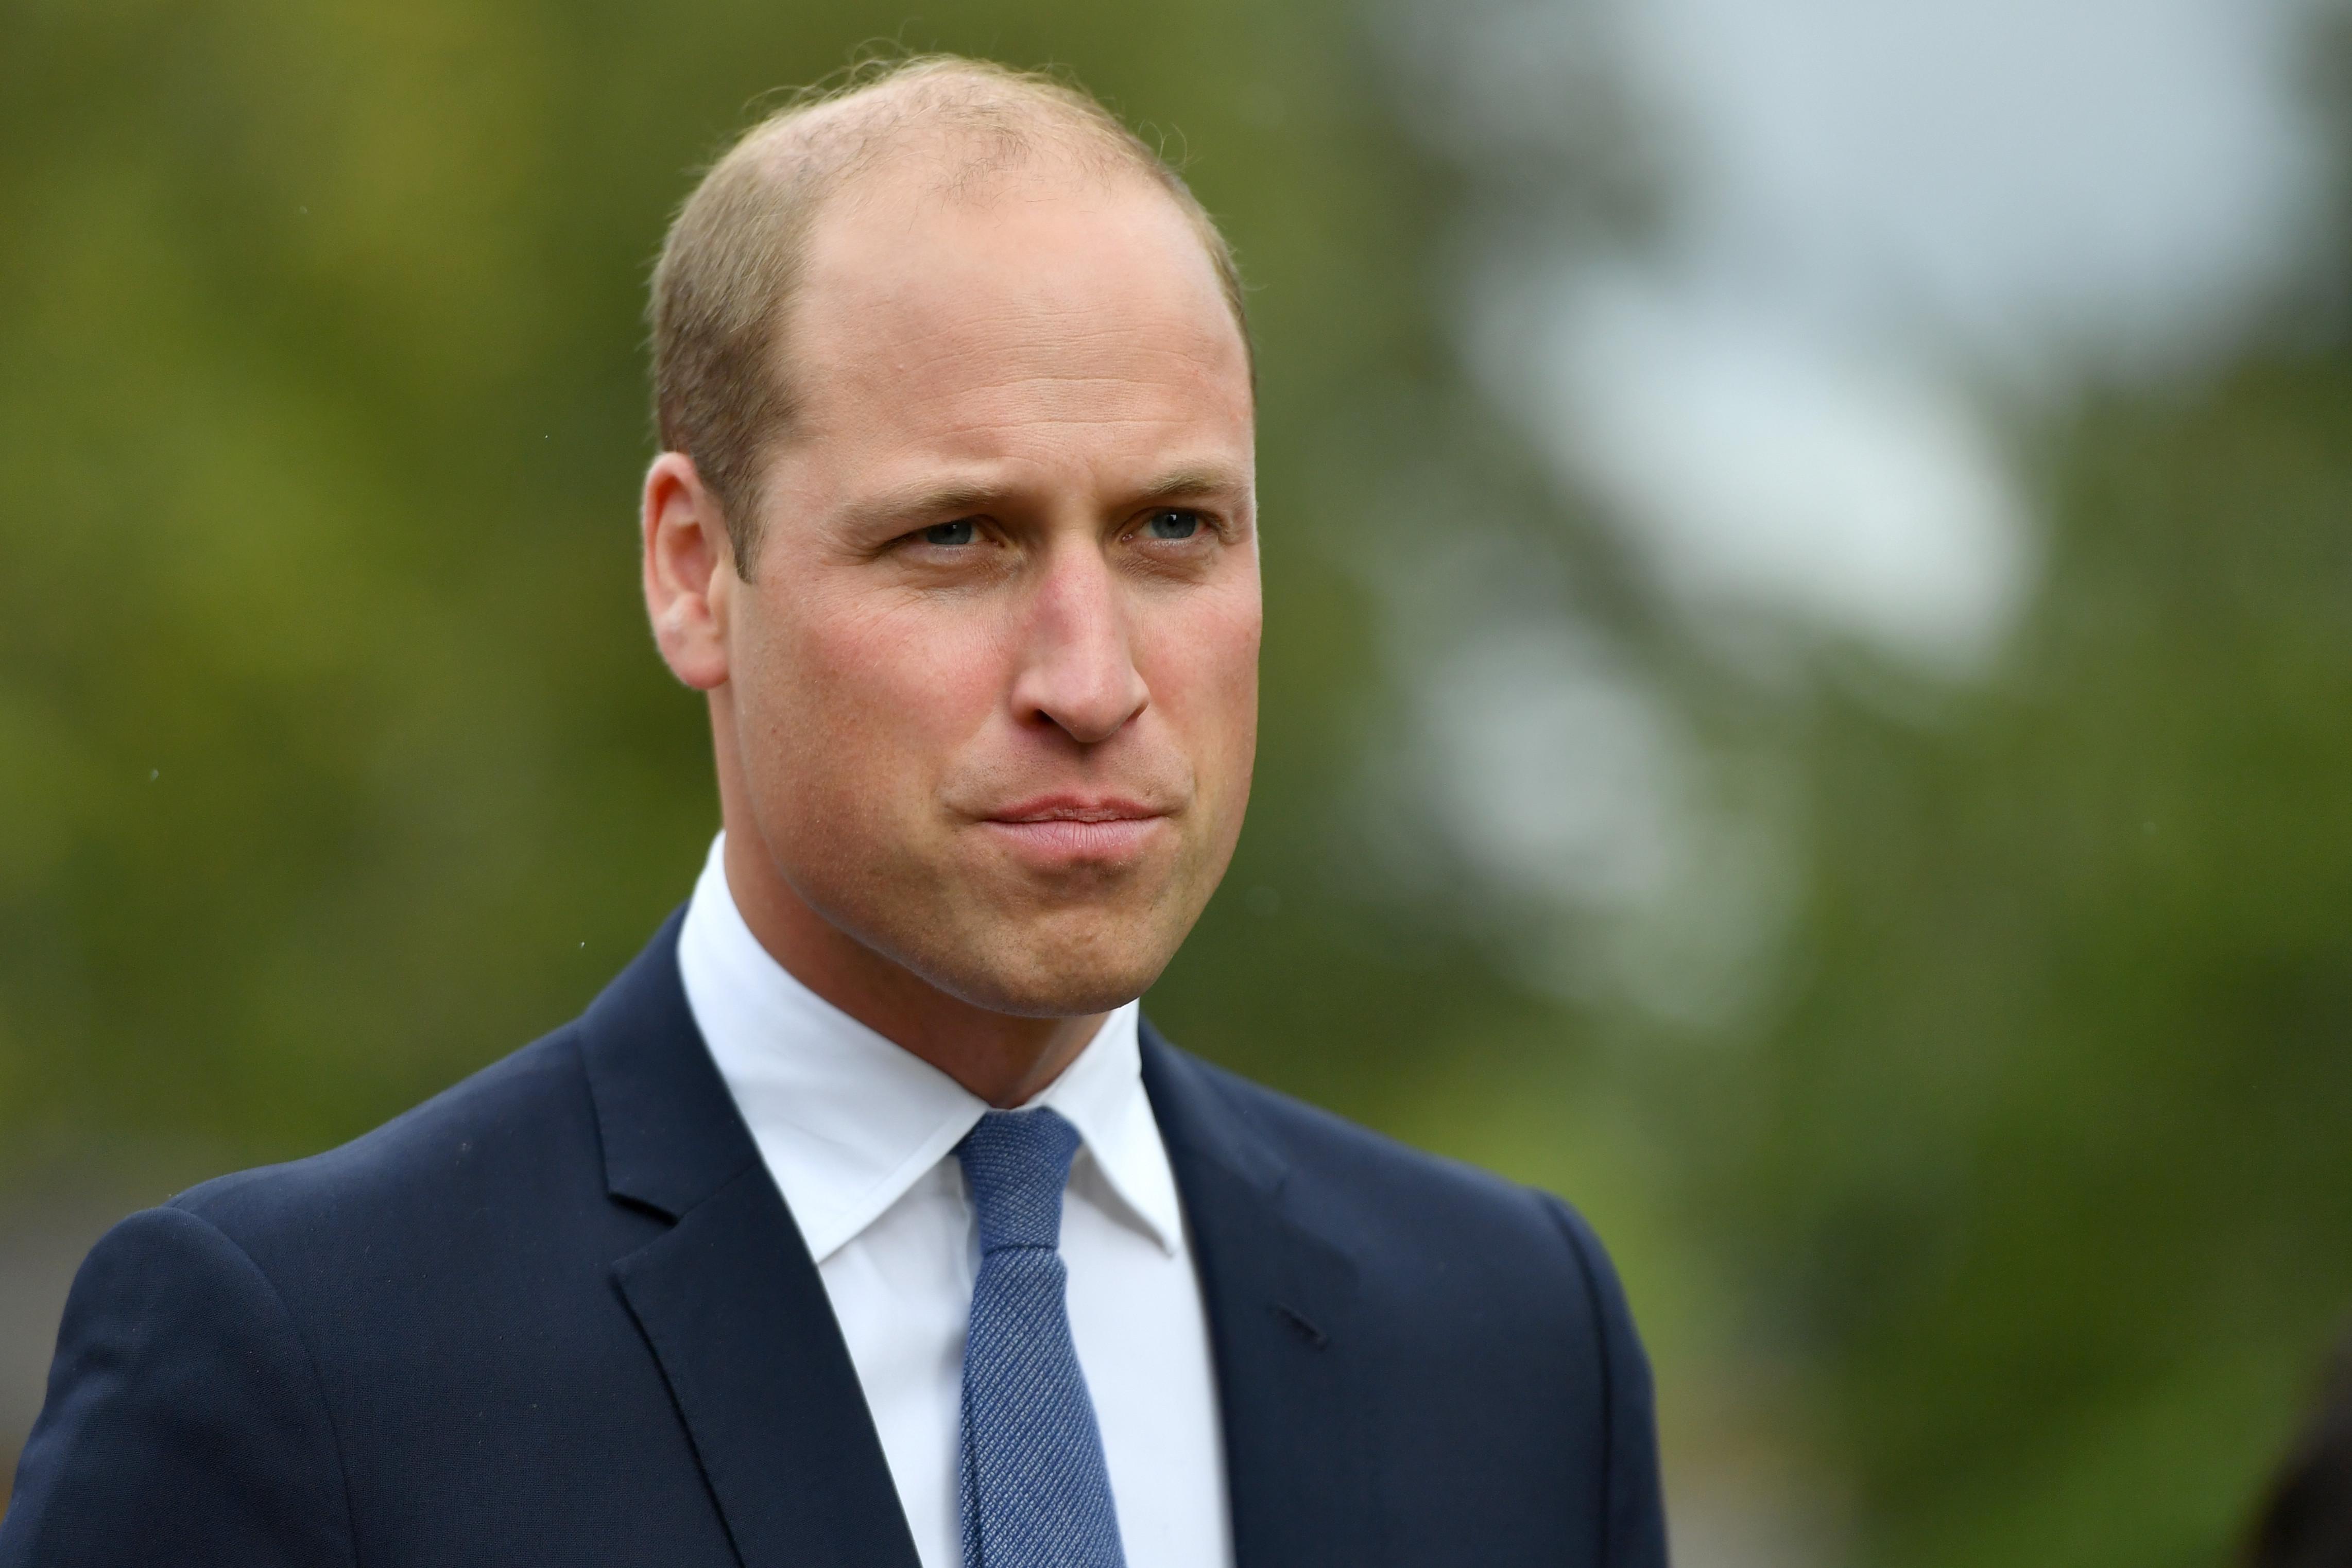 Принц Уильям показал в соцсети редкую архивную фотографию с принцессой Дианой